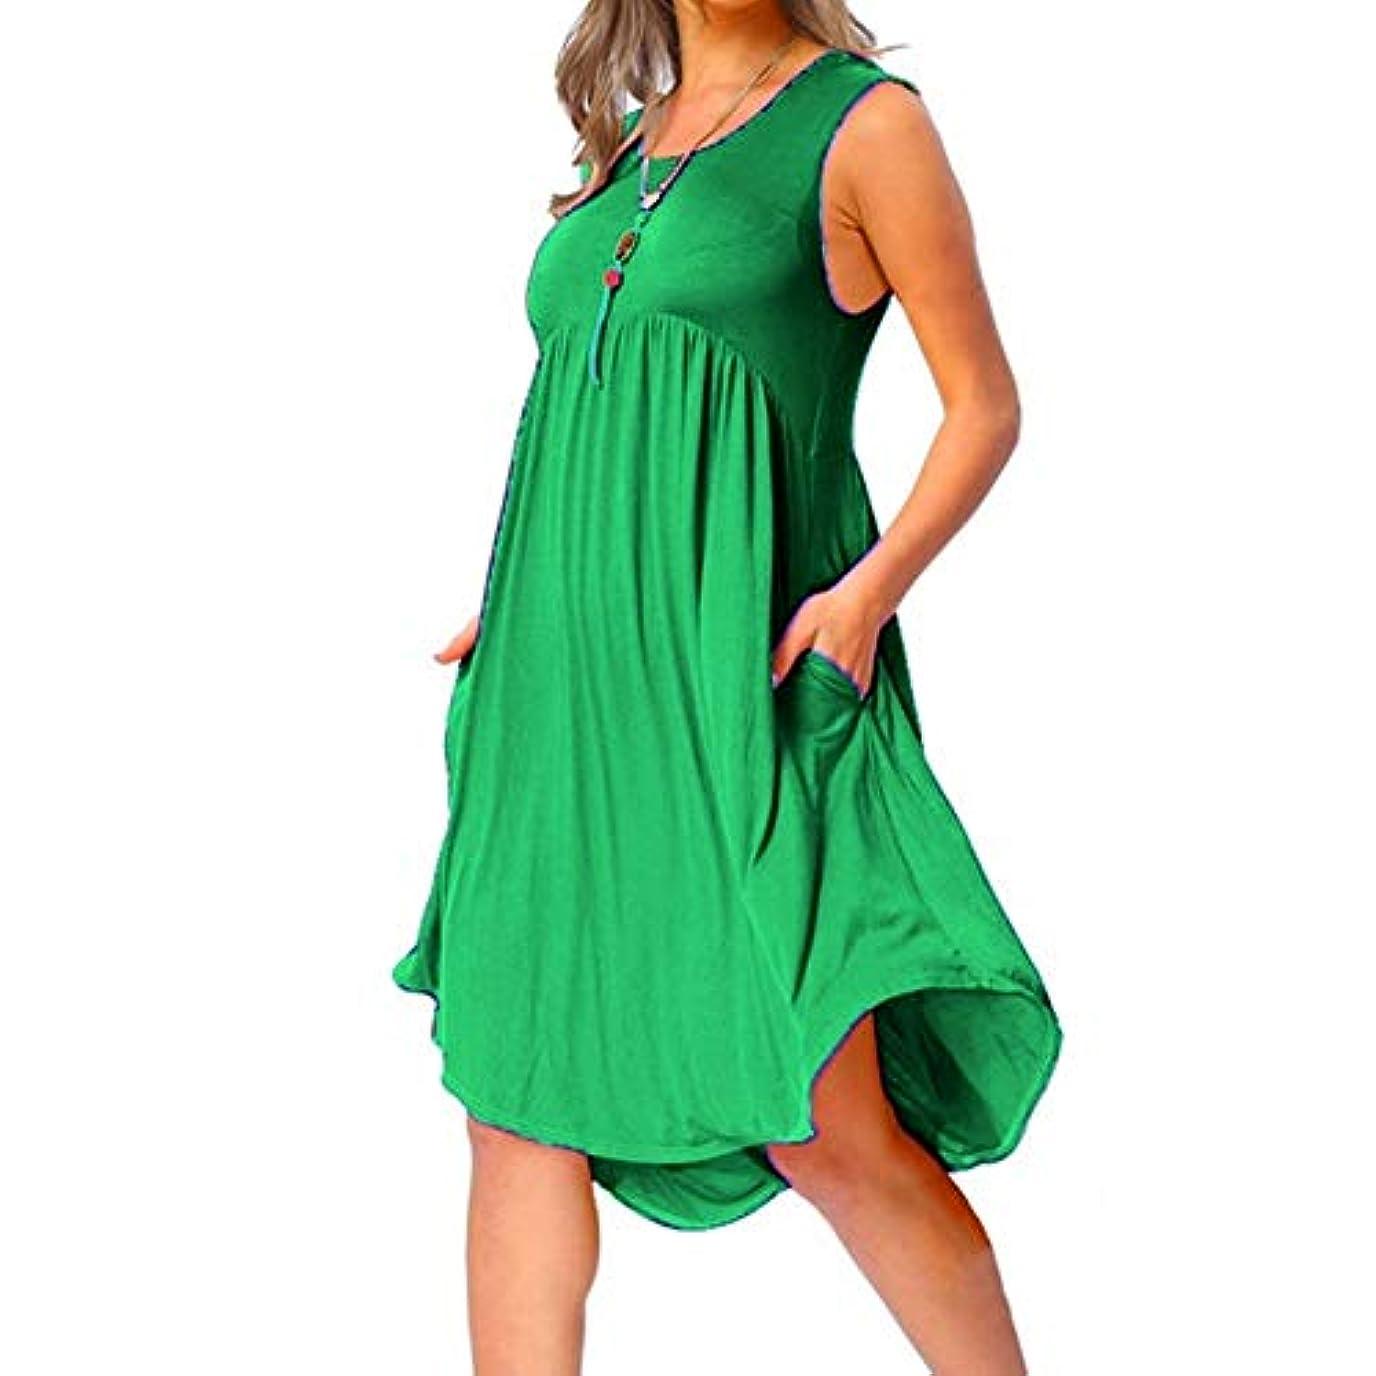 実験室チャットサバントMIFAN の女性のドレスカジュアルな不規則なドレスルースサマービーチTシャツドレス